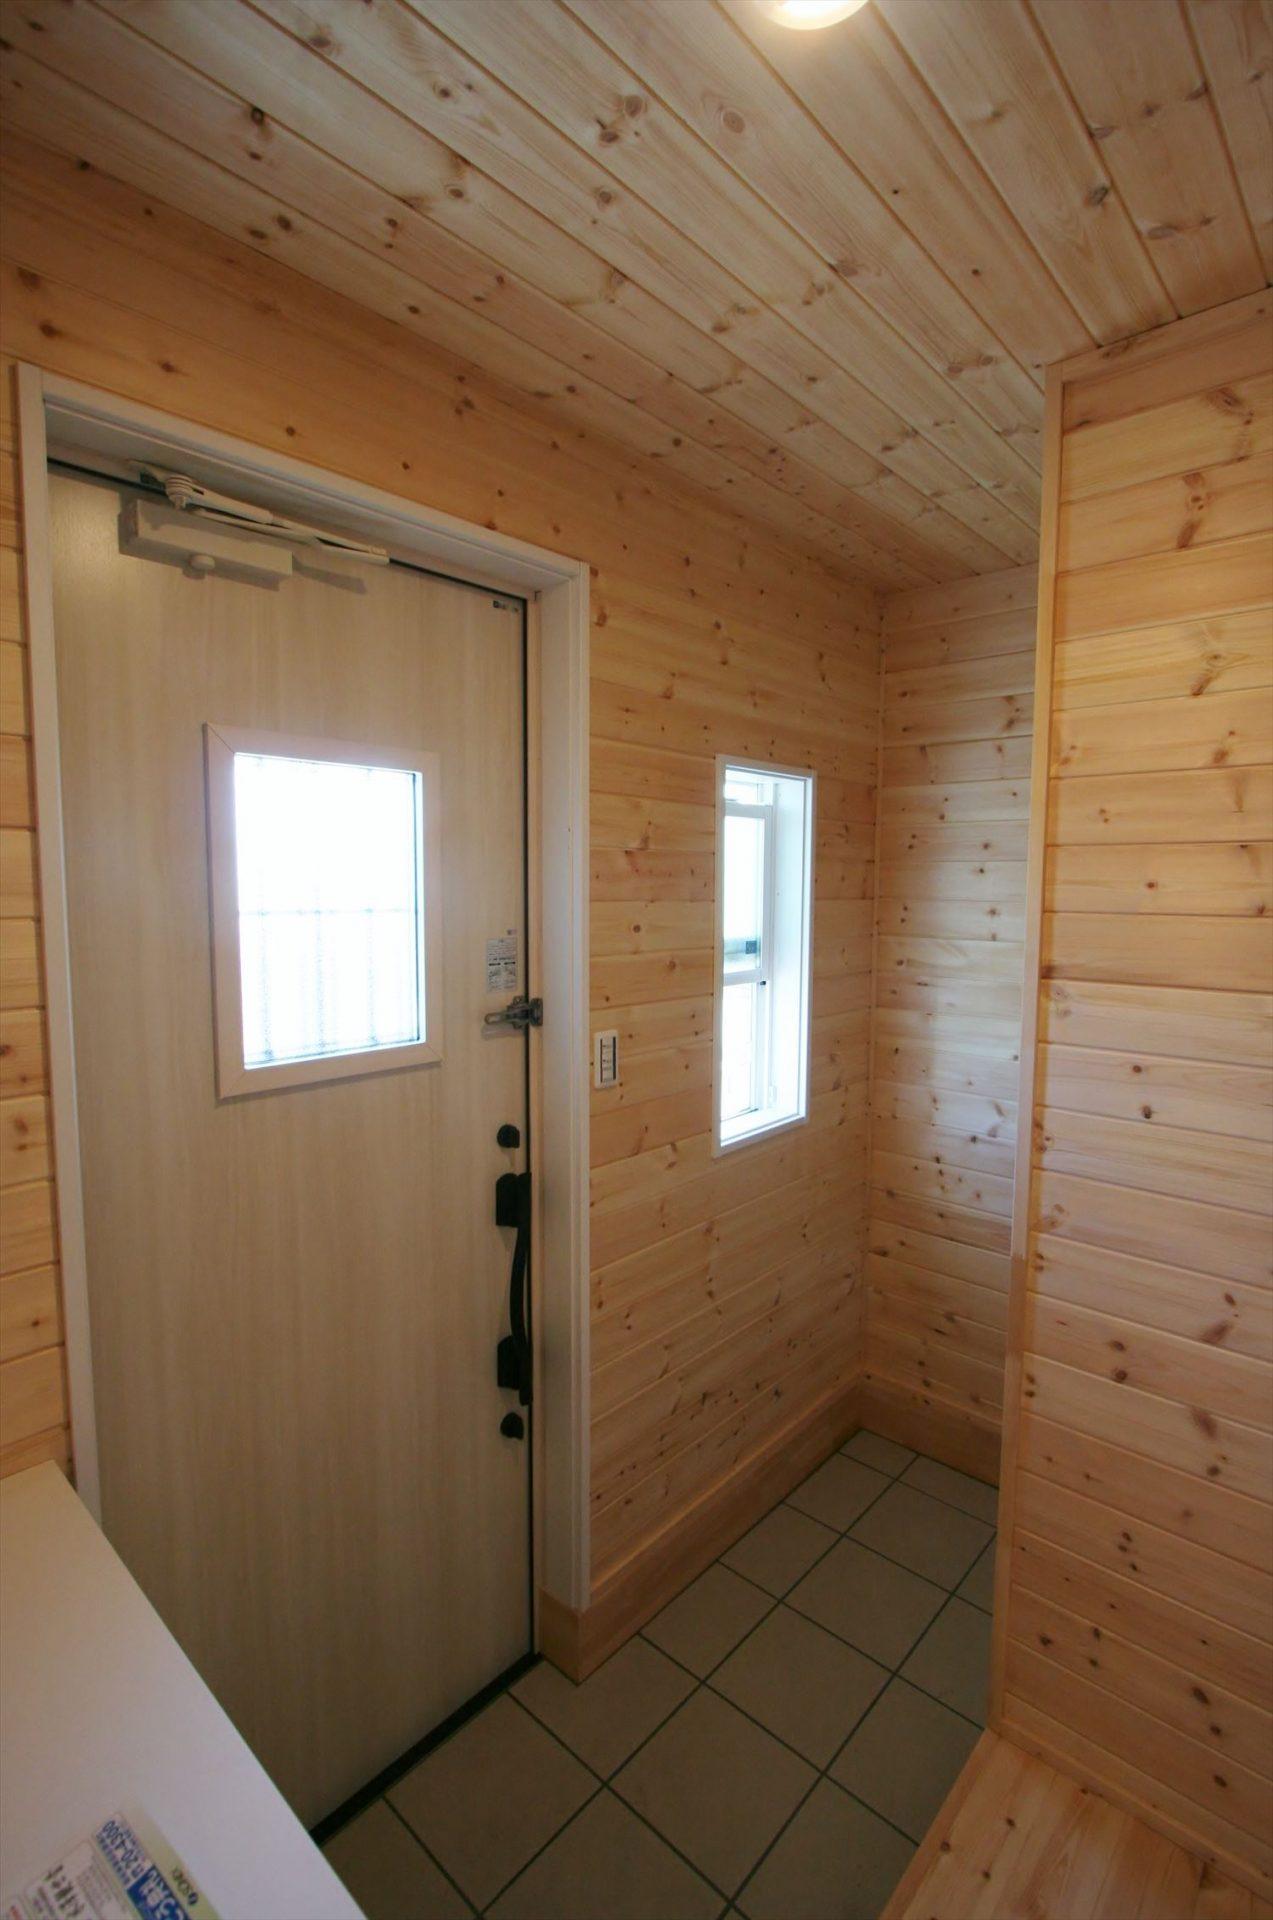 ドッグランのある3LDK平屋の玄関ホール|群馬県の注文住宅,ログハウスのような木の家を低価格で建てるならエイ・ワン